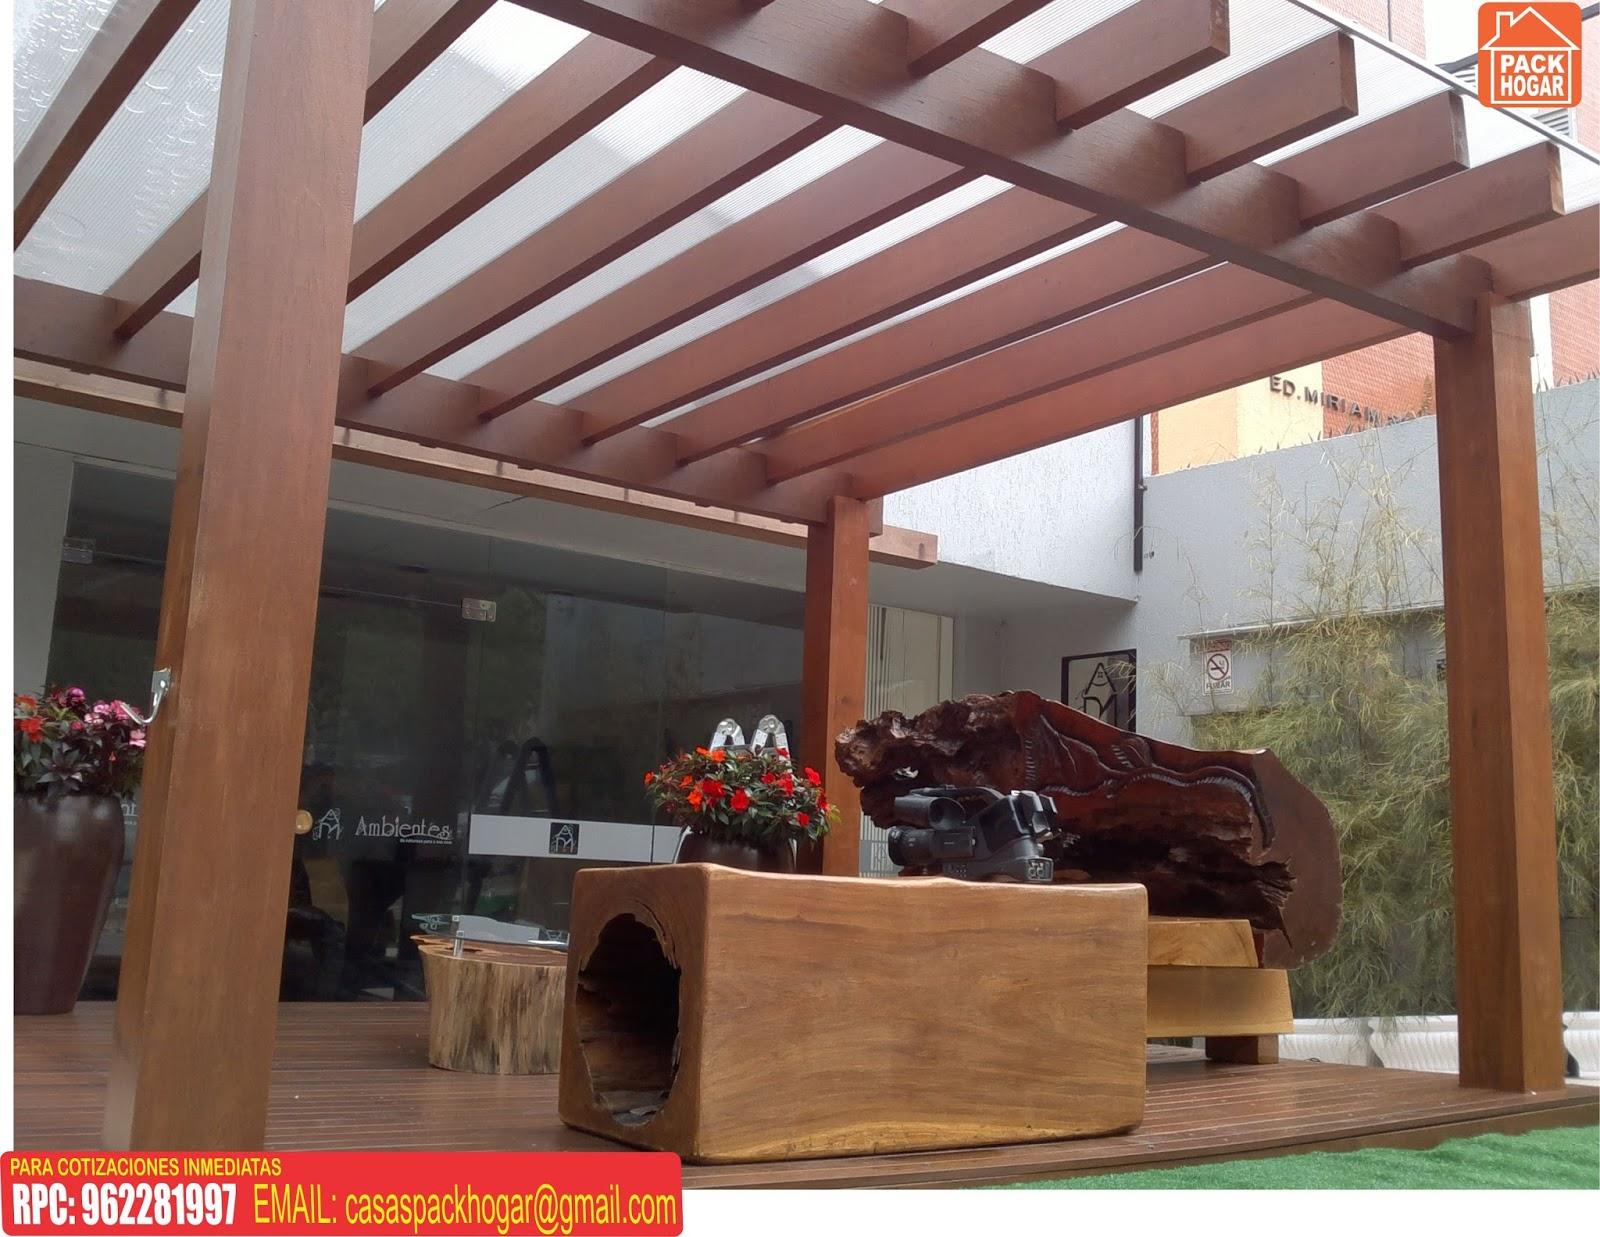 Techos sol y sombra de madera packhogar for Disenos de terrazas de madera